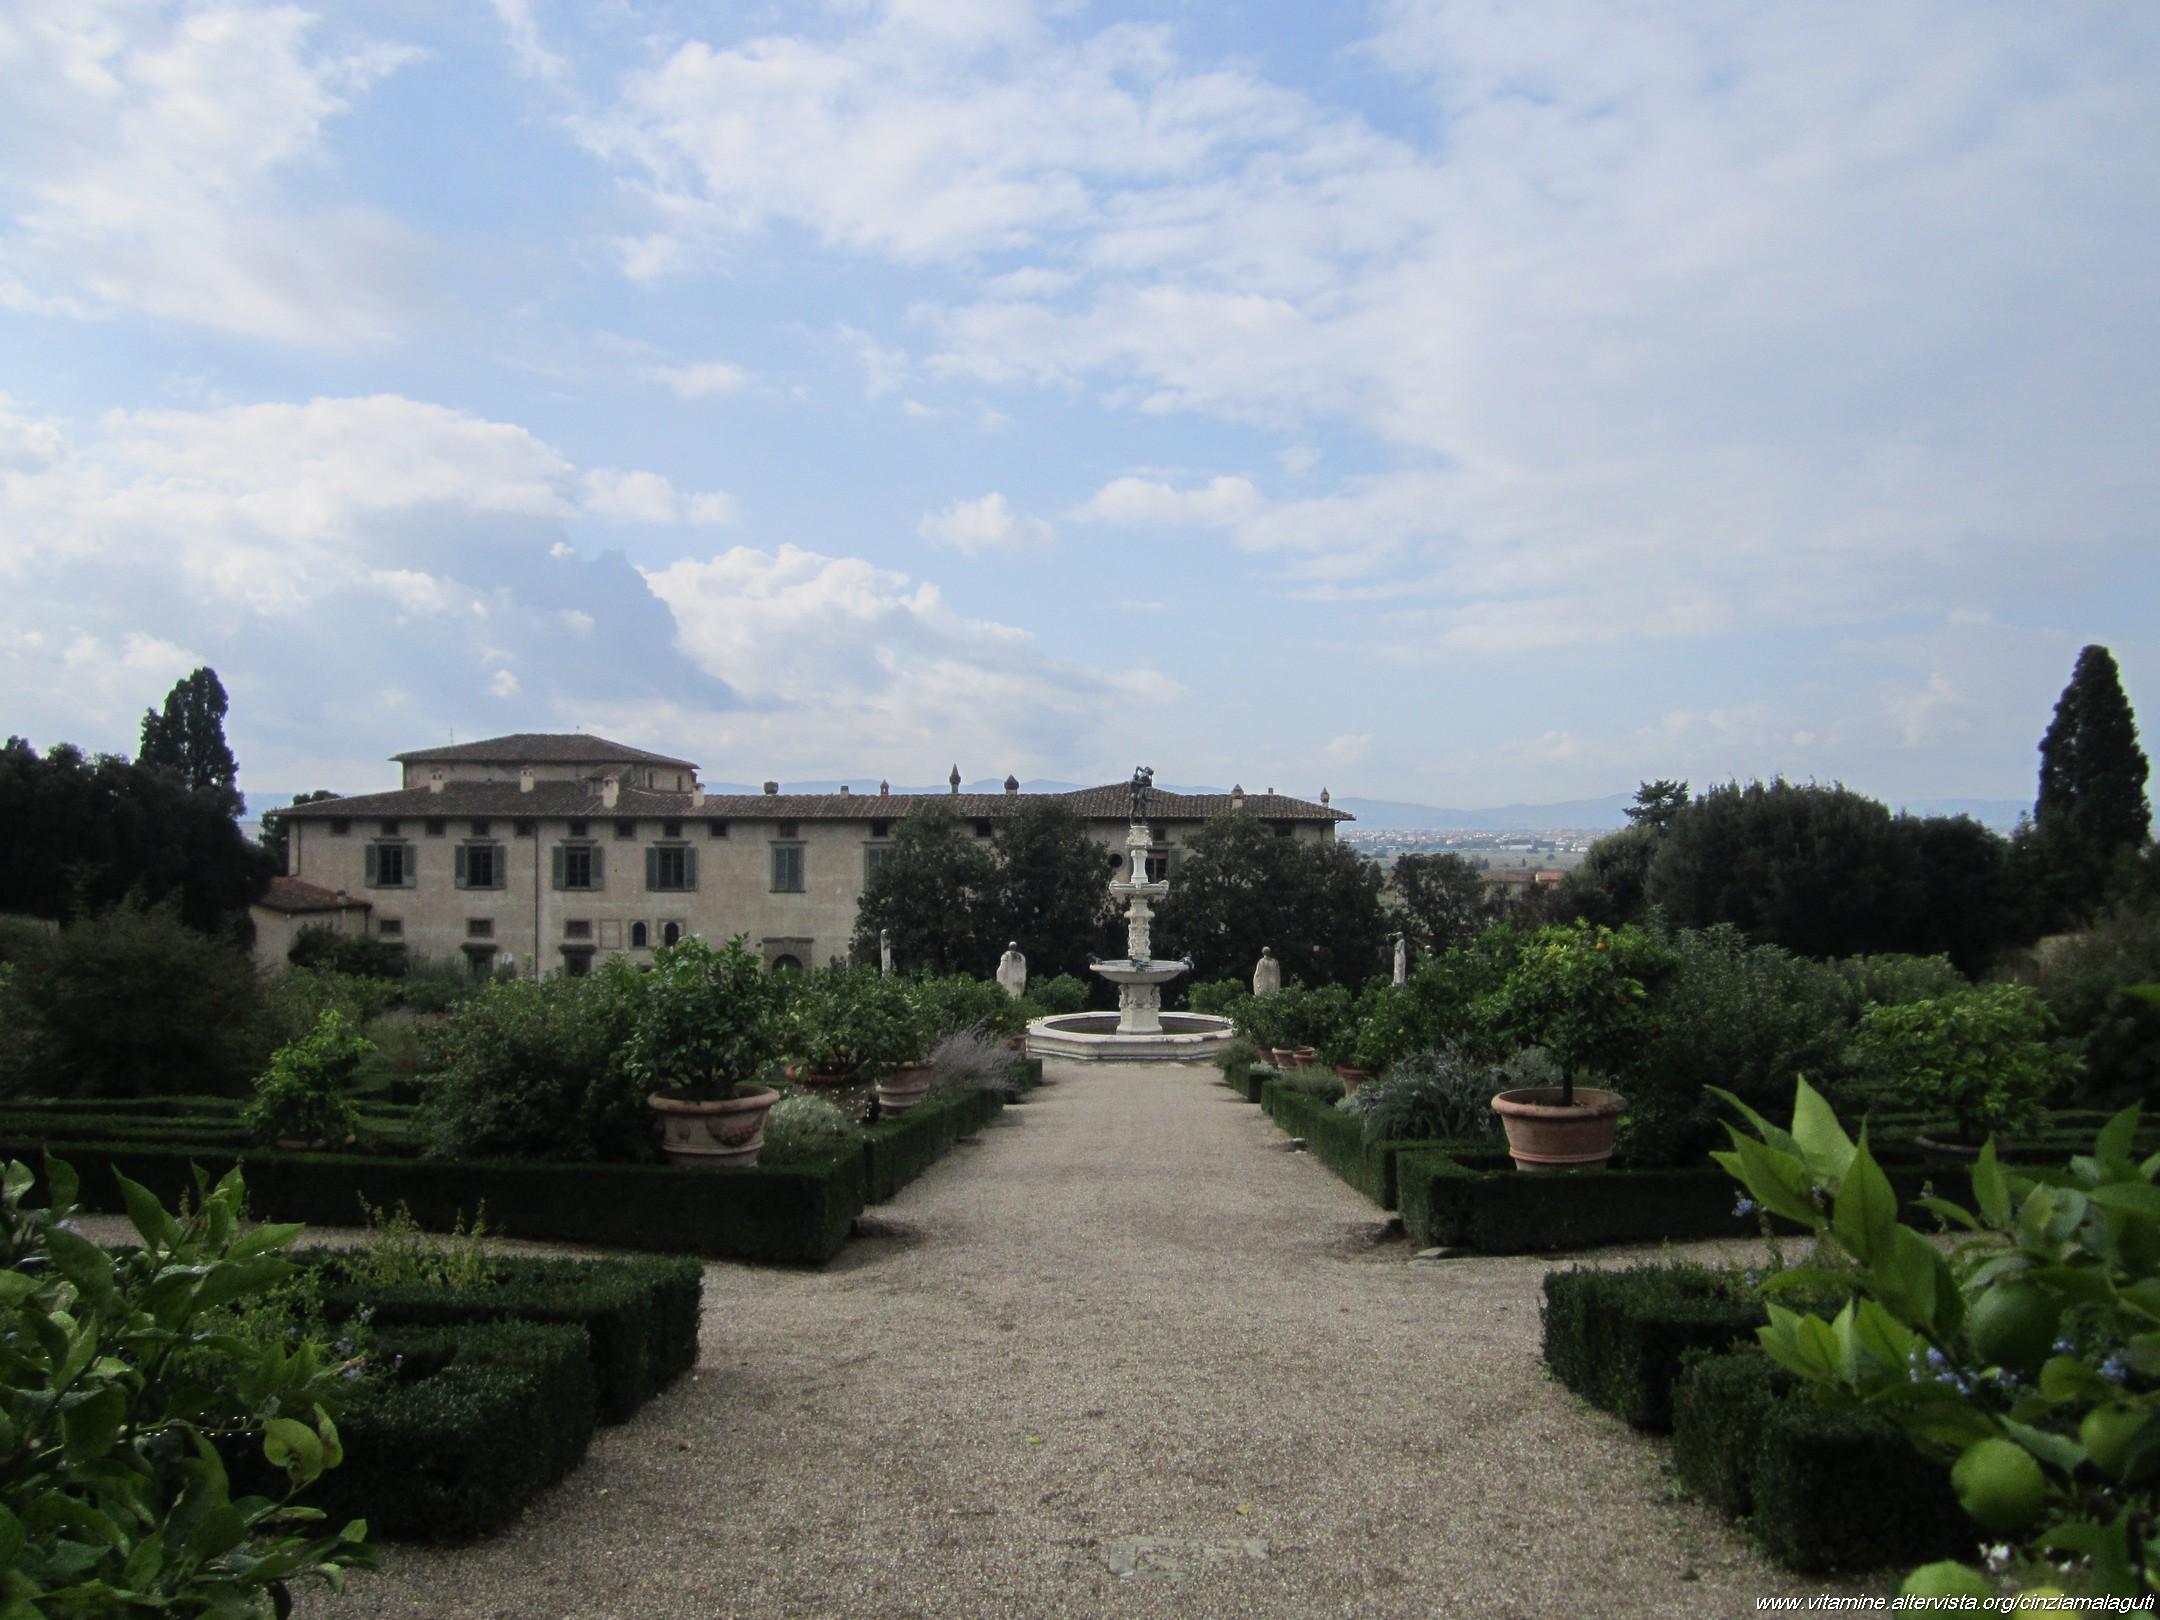 Parco E Giardino Della Villa Medicea Di Castello Firenze Fi